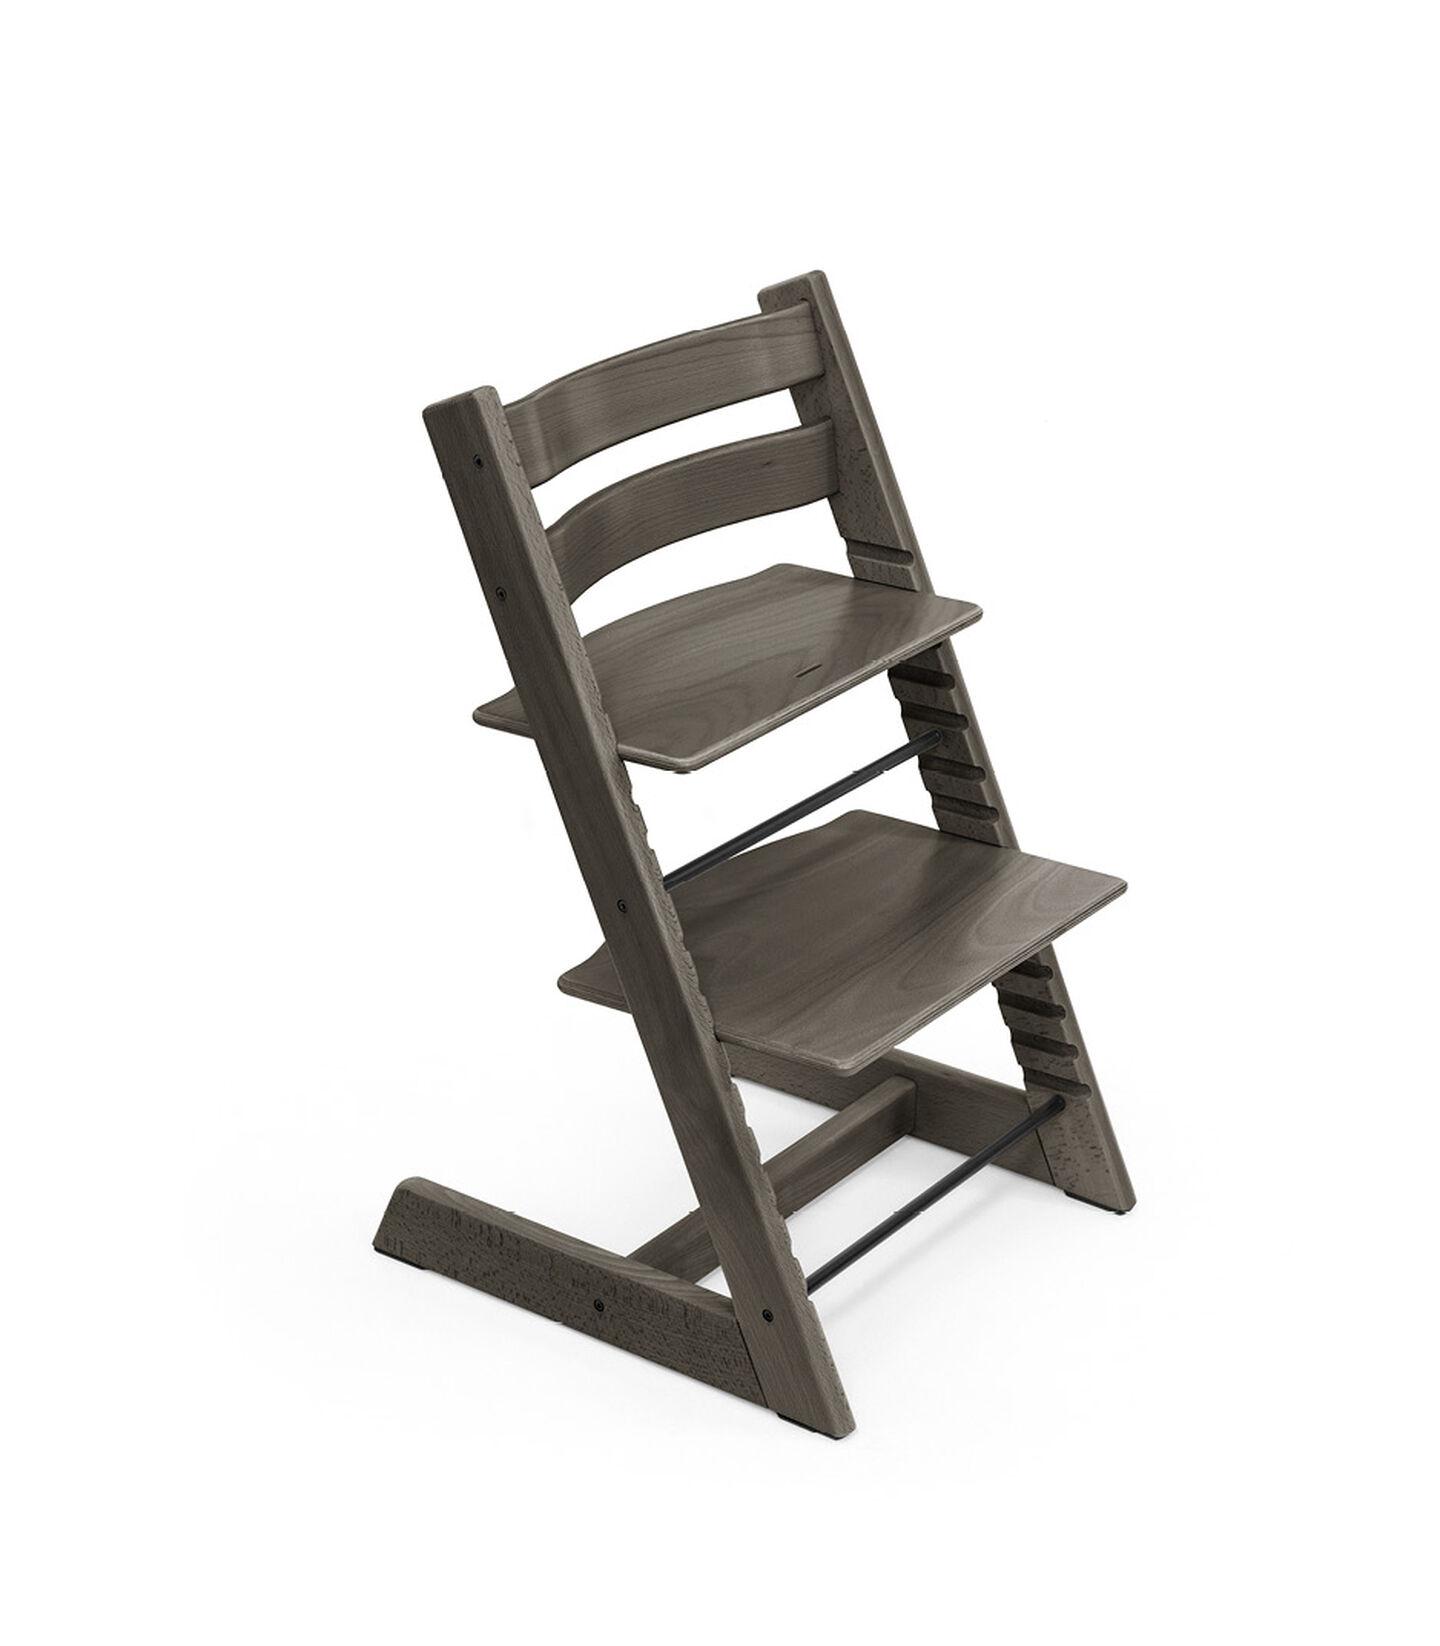 Tripp Trapp® Stuhl Hazy Grey, Hazy Grey, mainview view 1